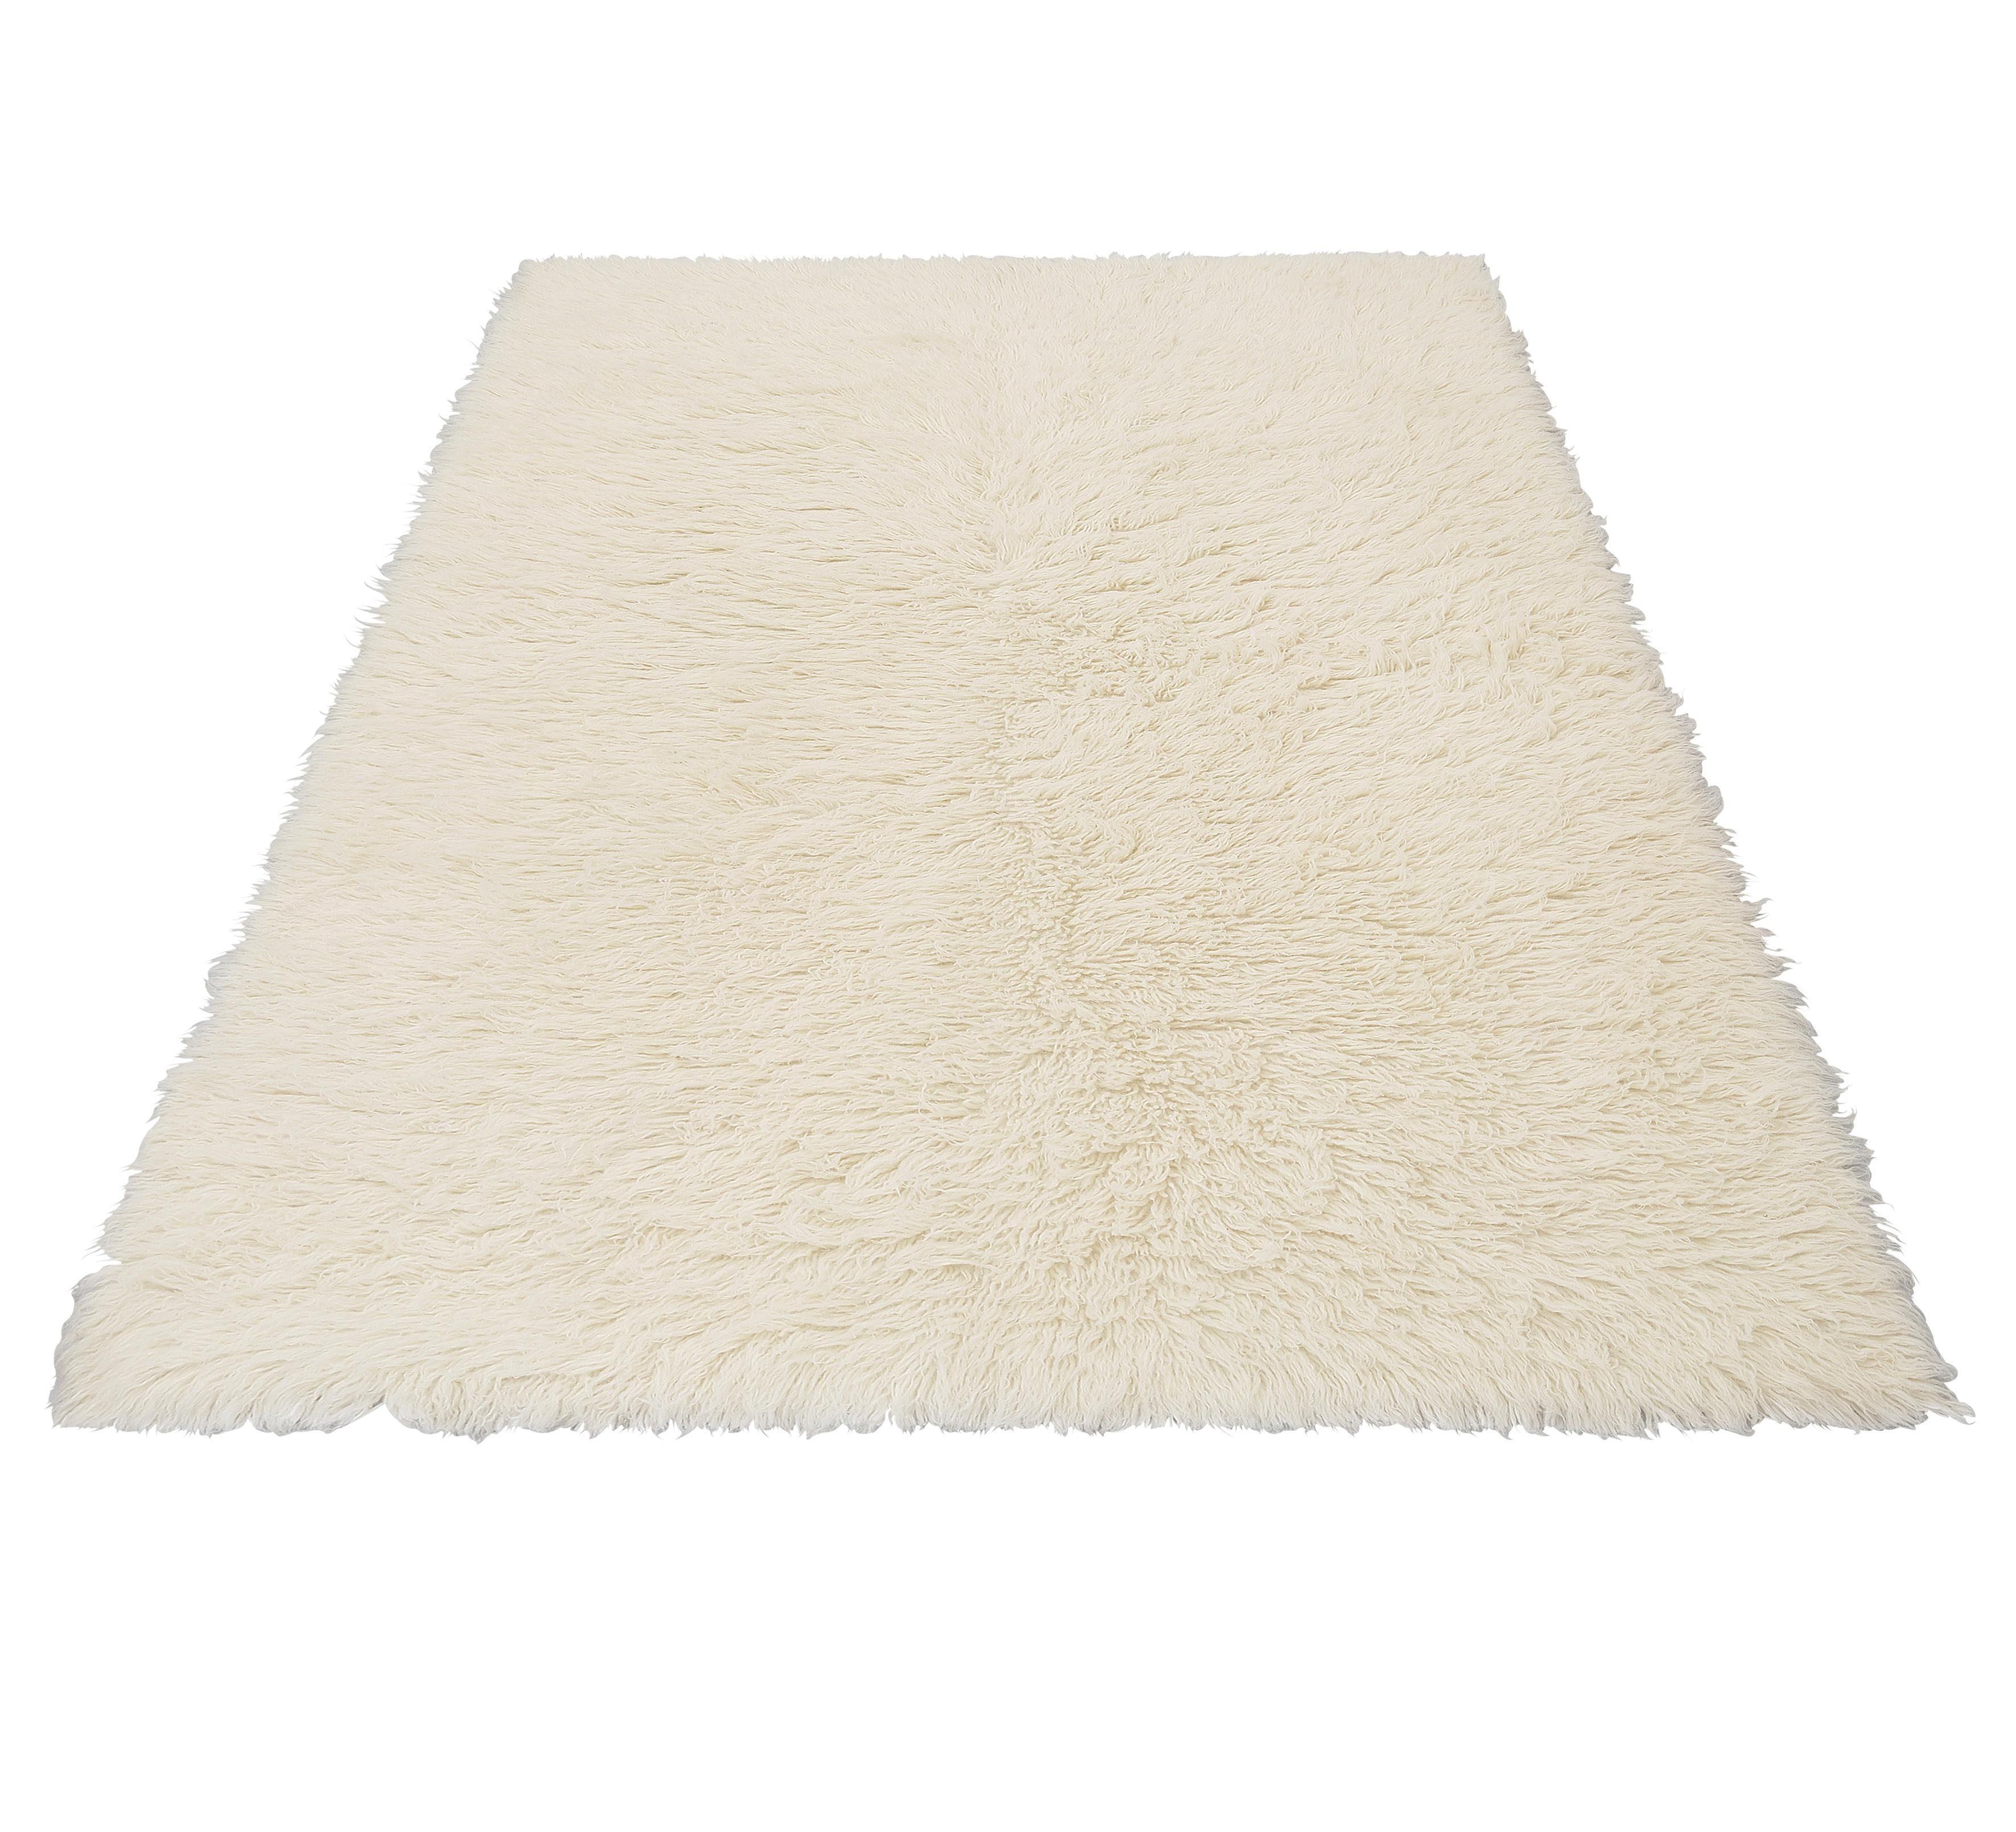 Hochflor-Teppich Flokos 1 Theko Exklusiv rechteckig Höhe 40 mm handgewebt